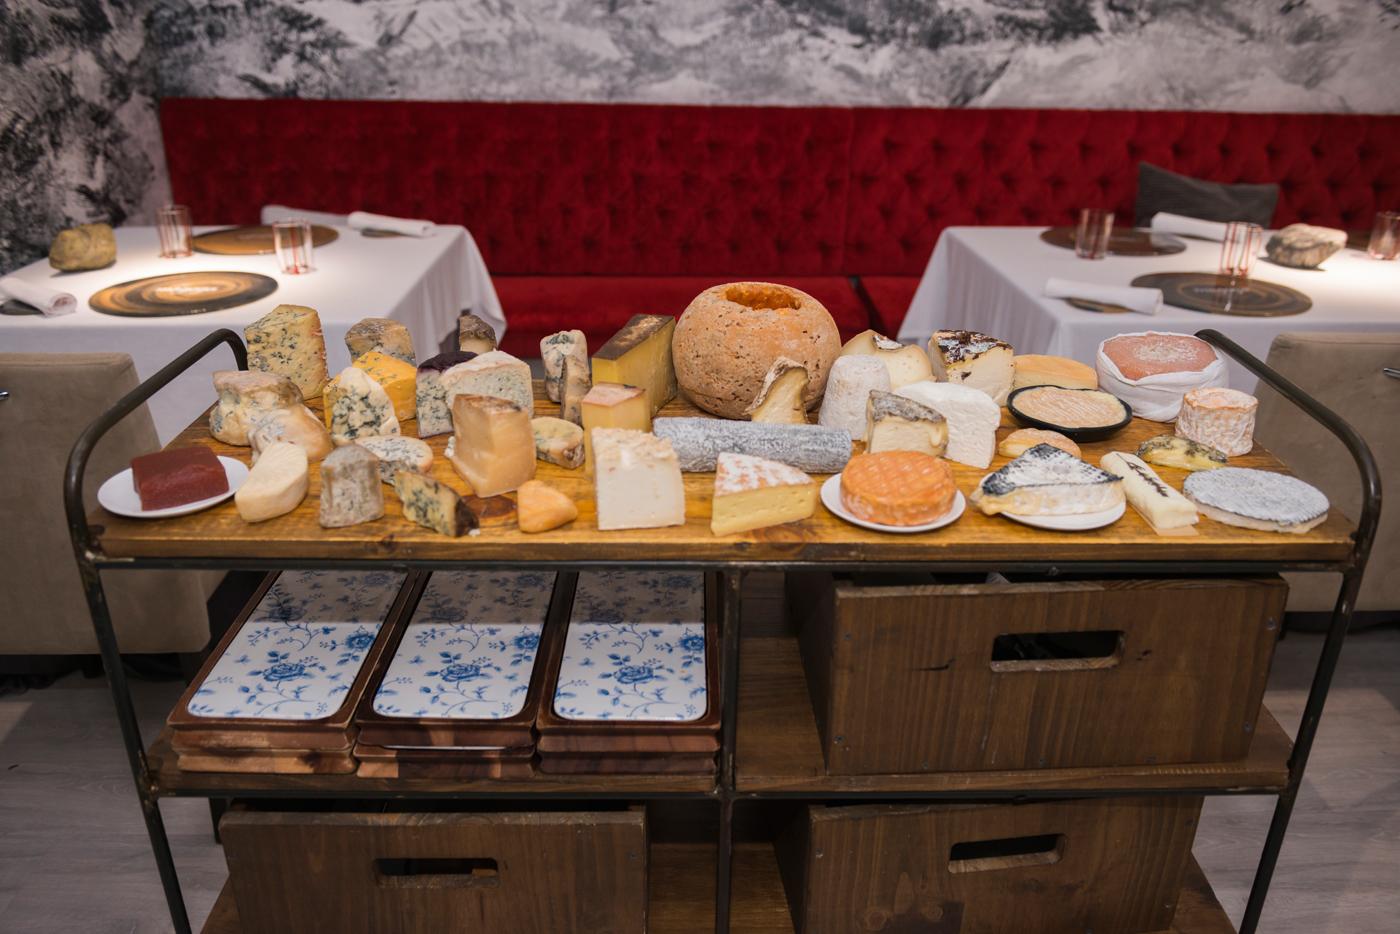 La mesa de quesos de Magoga, irresistible.